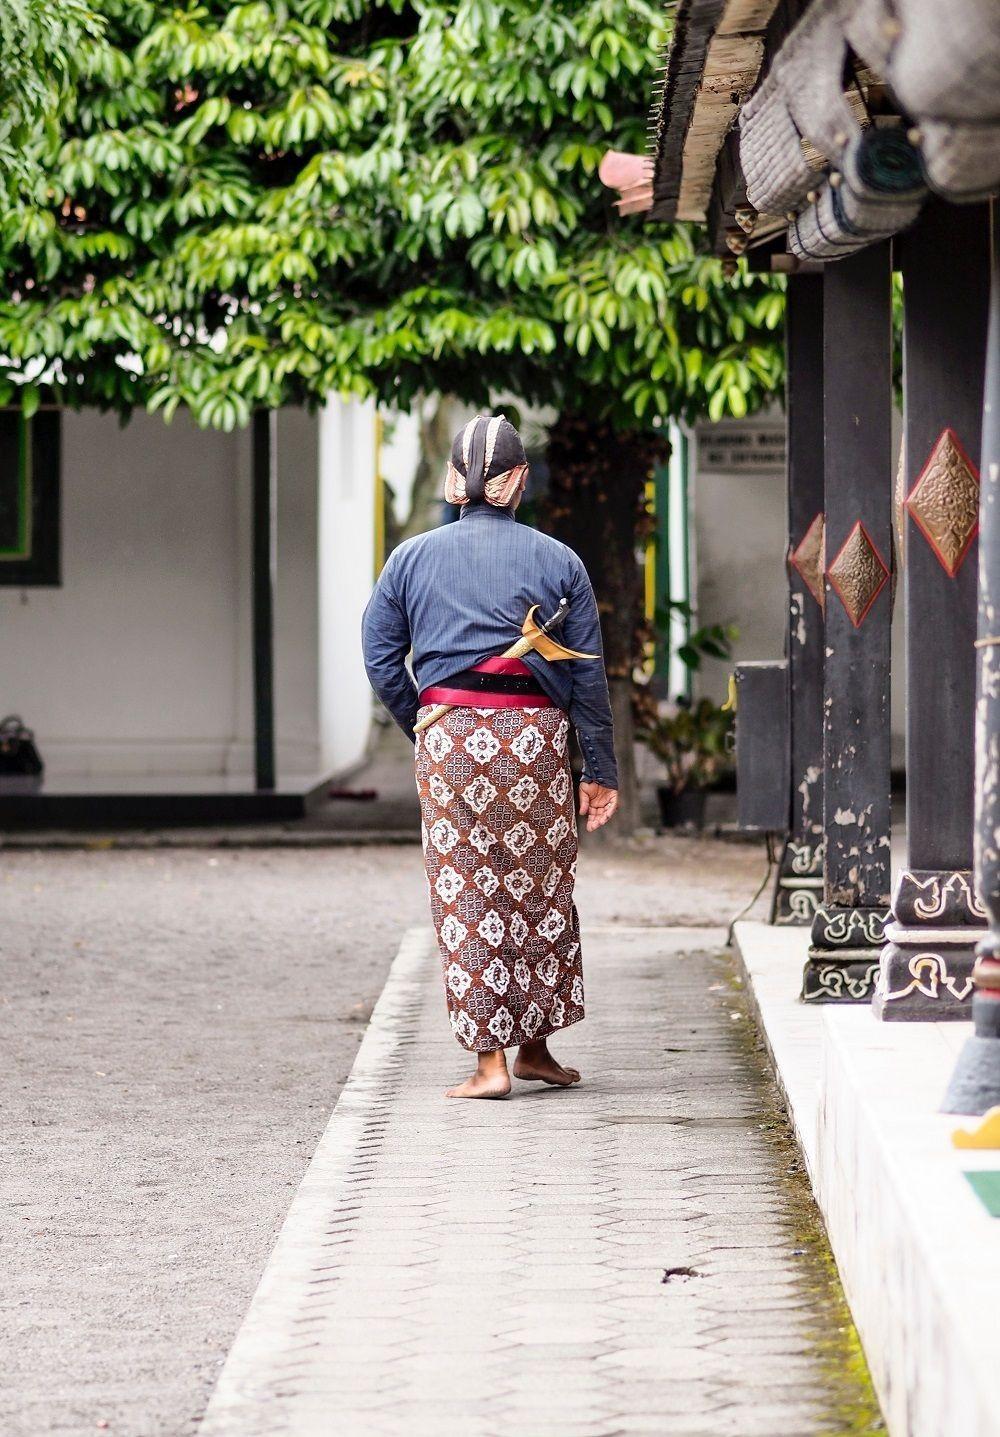 20 Julukan Unik Kota-Kota di Indonesia, Sarat Makna dan Sejarah